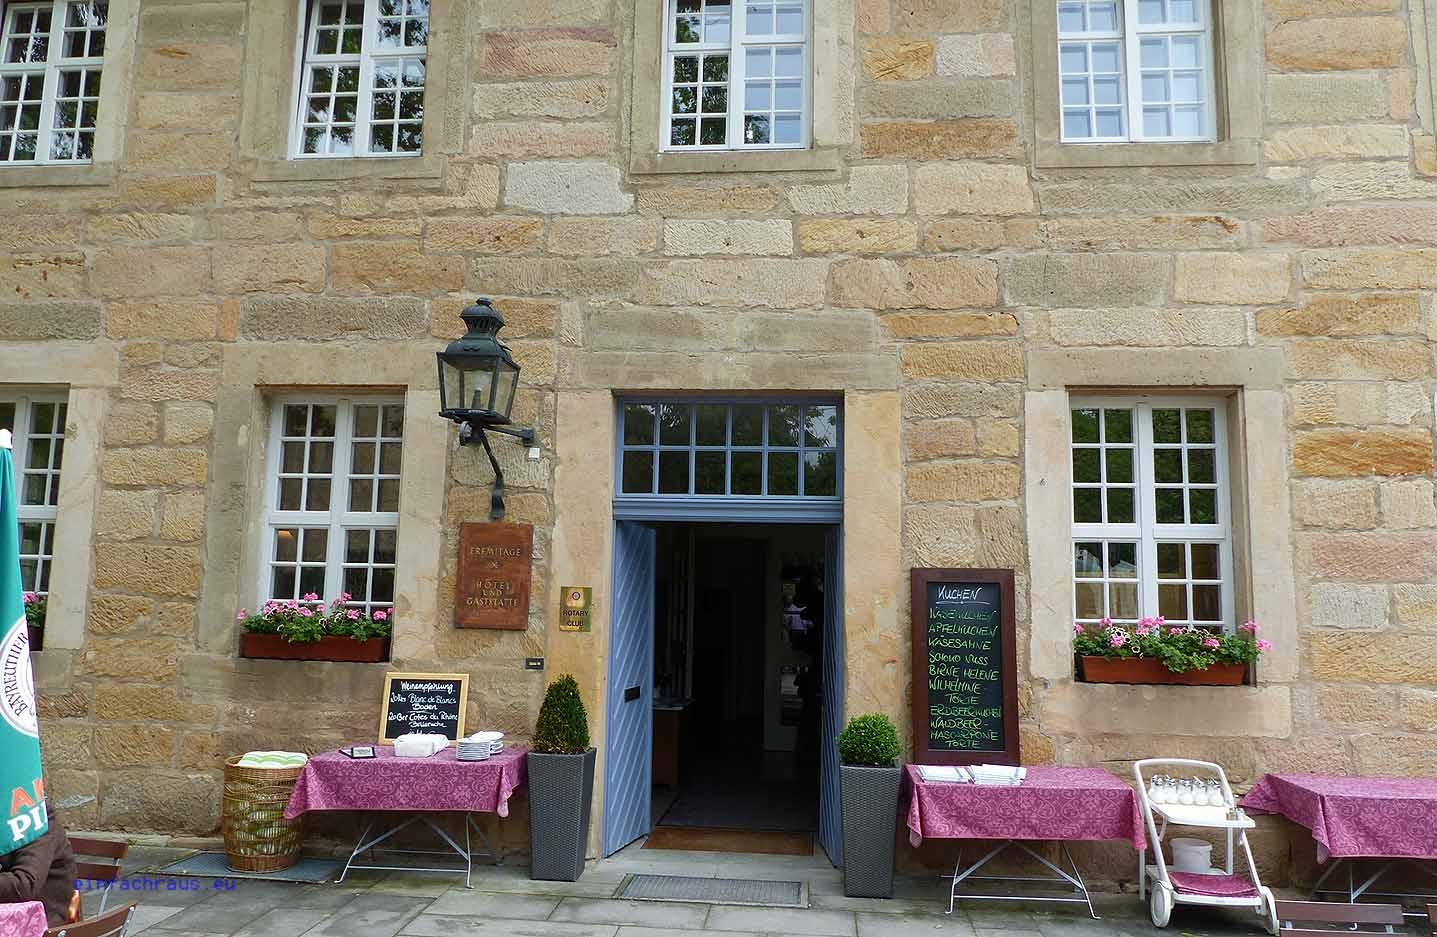 Gastfreundlich: Restaurant und Hotel Eremitage in Bayreuth